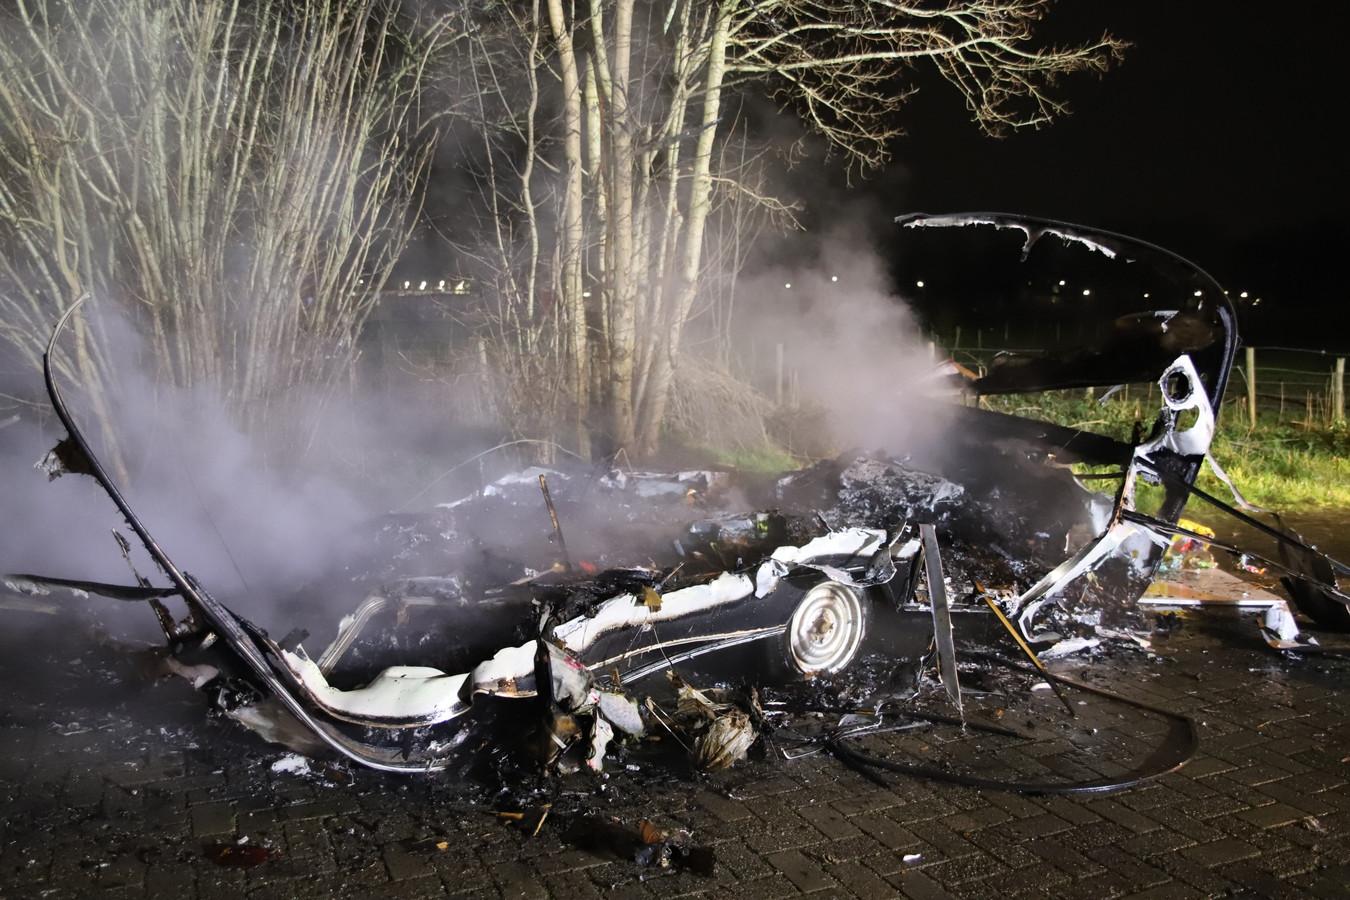 De caravan is volledig verwoest door de brand in Tiel.